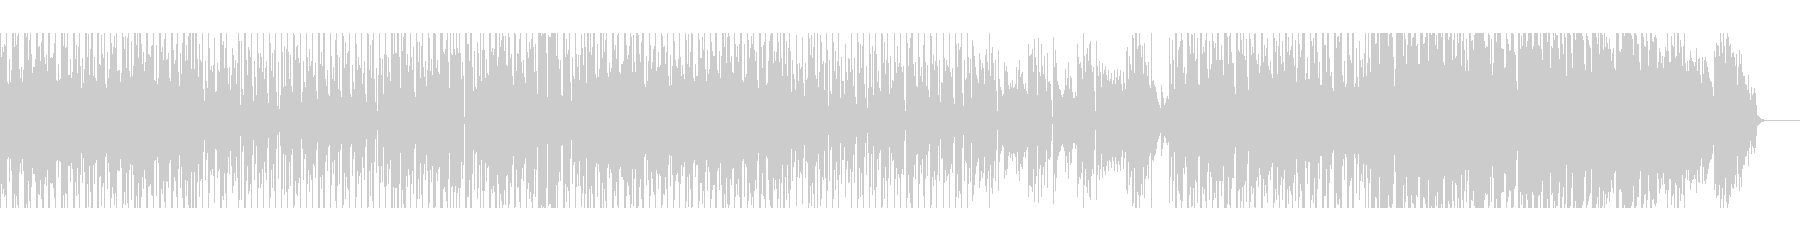 【パーカッション無し】スペーシーファンクの未再生の波形